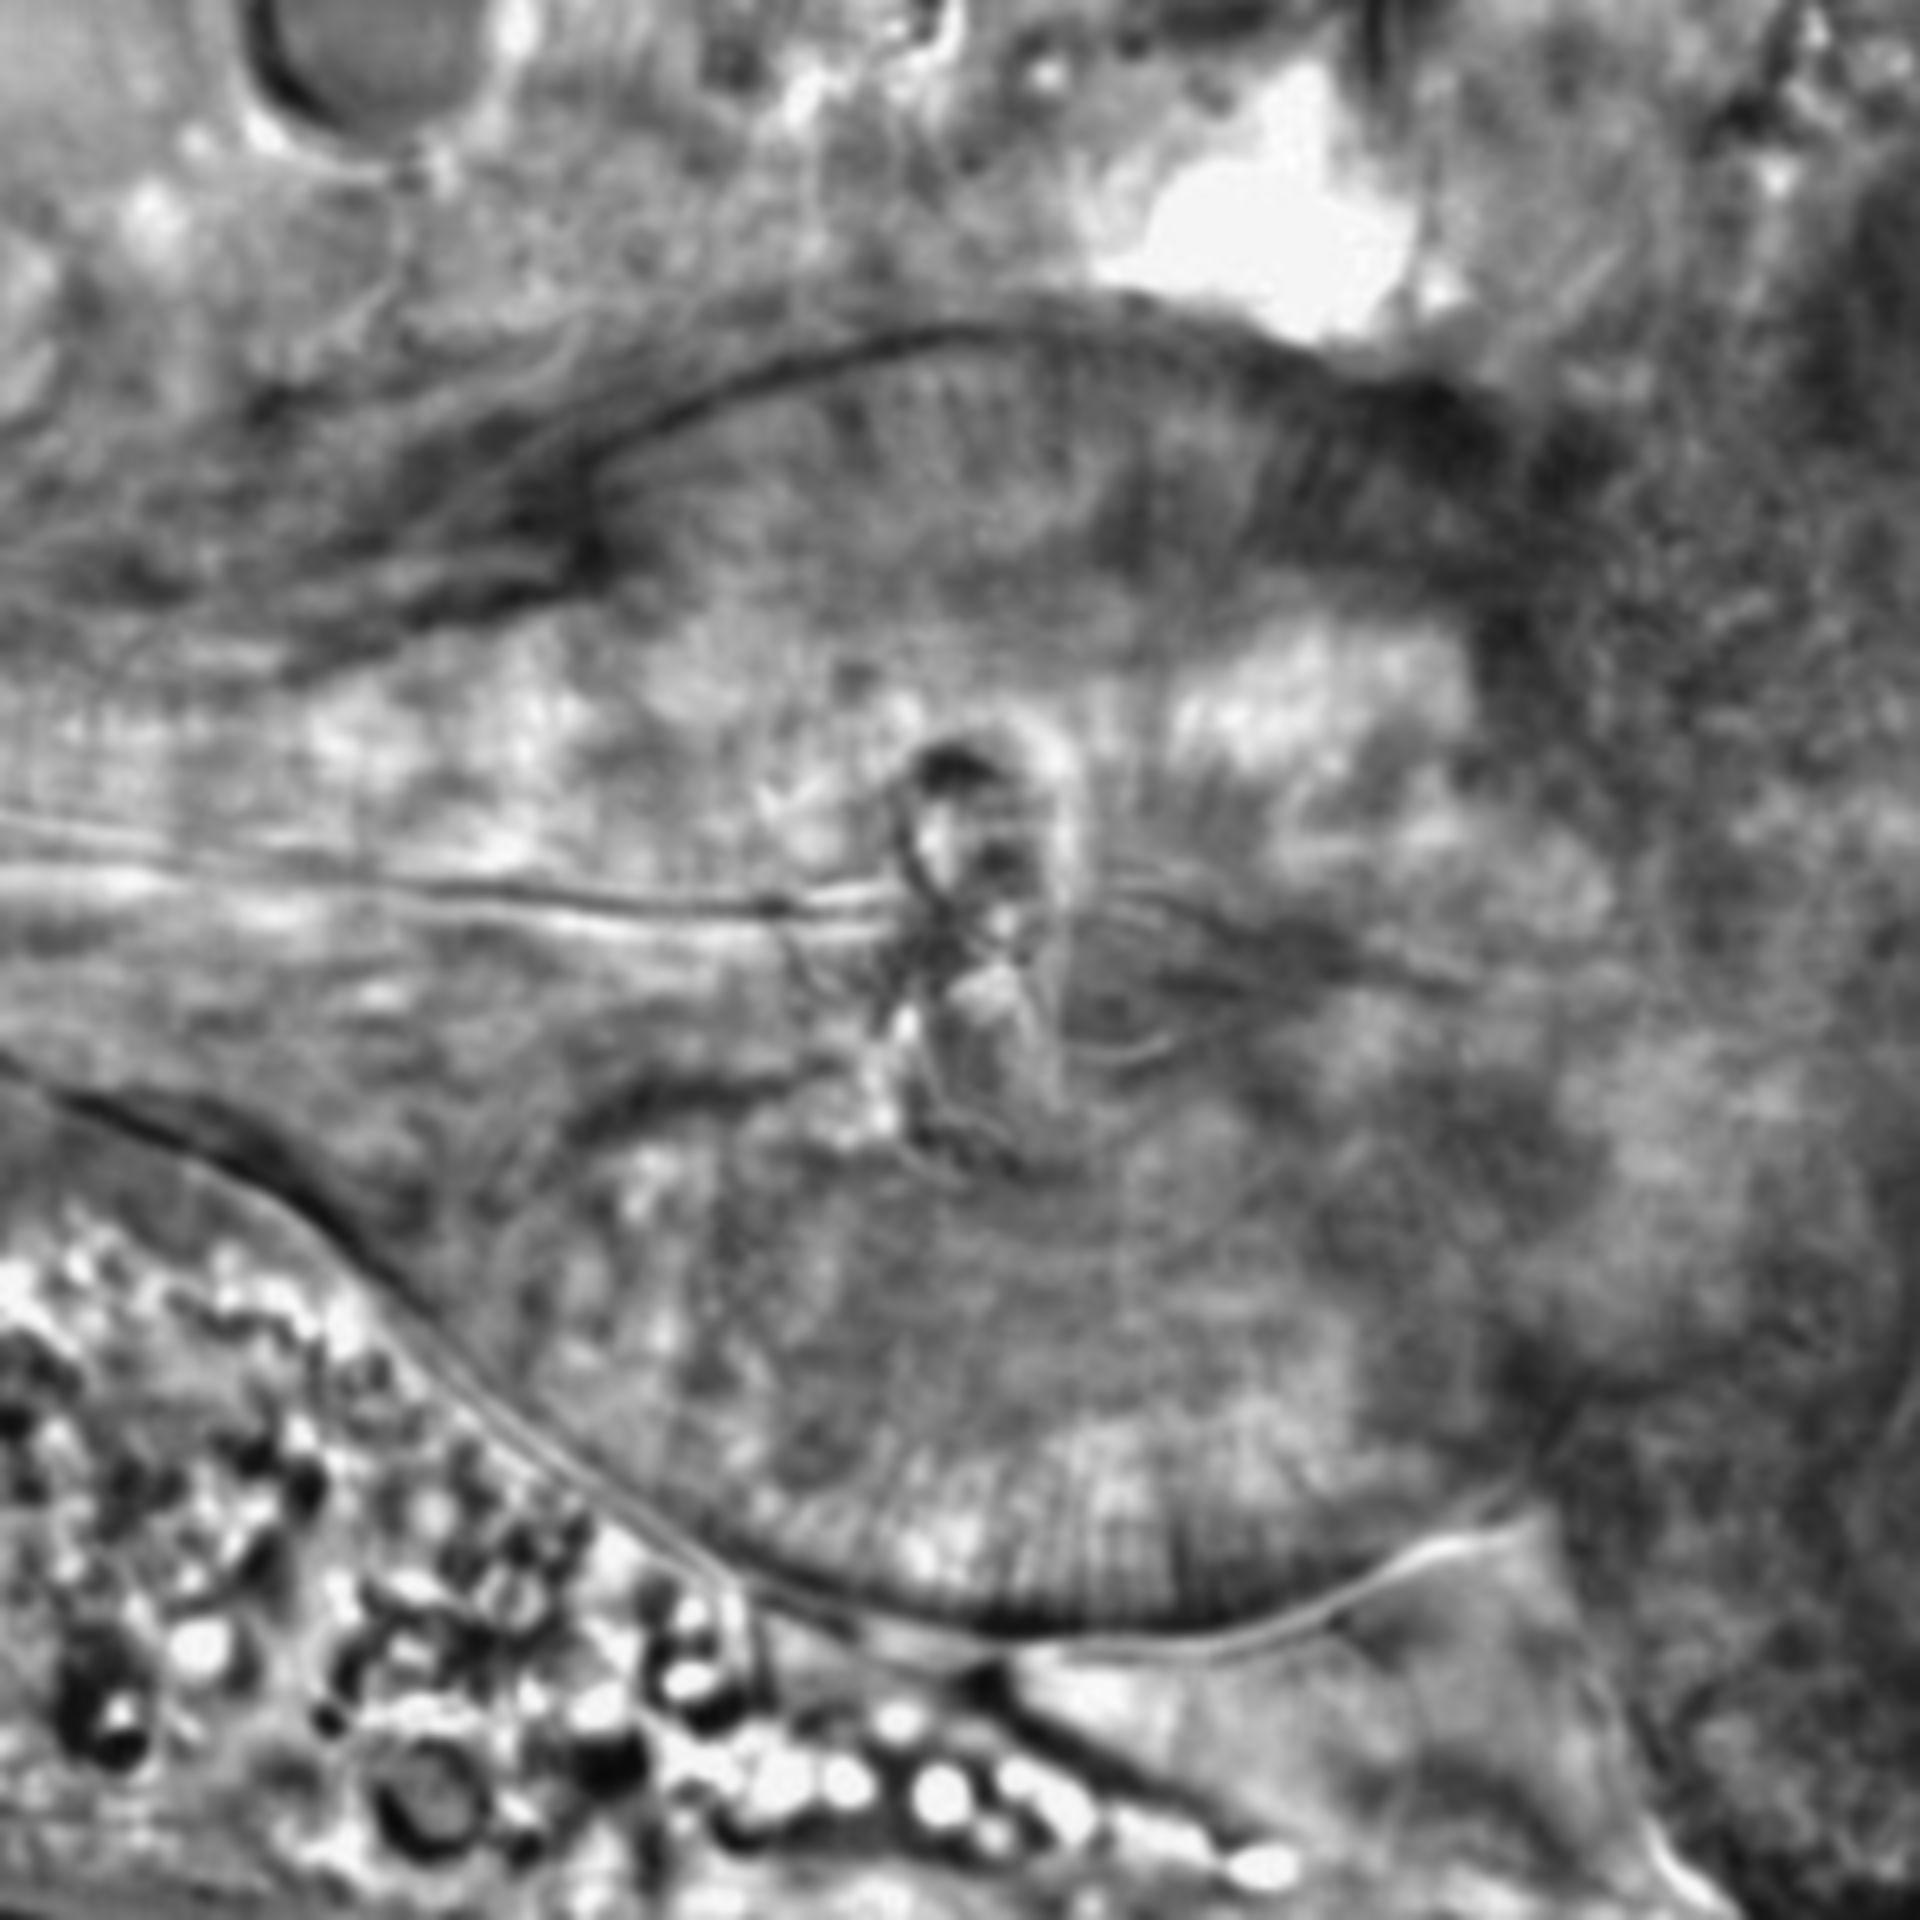 Caenorhabditis elegans - CIL:1762